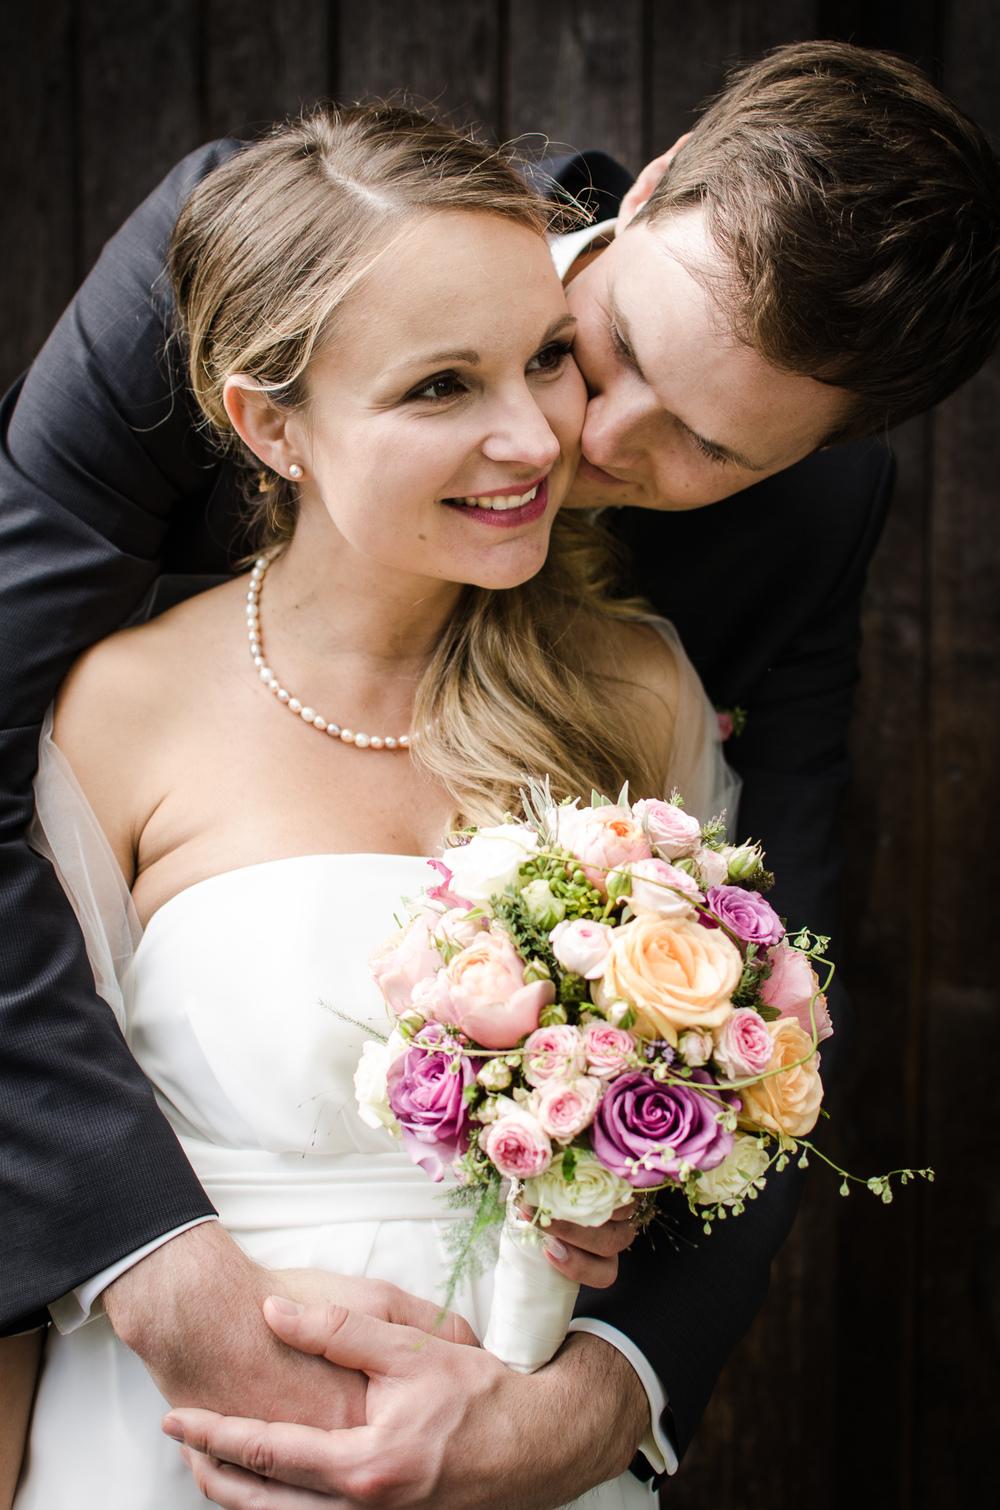 20150905_wedding_hochzeit_torhaus_münster_christoph_schlein-0568.jpg